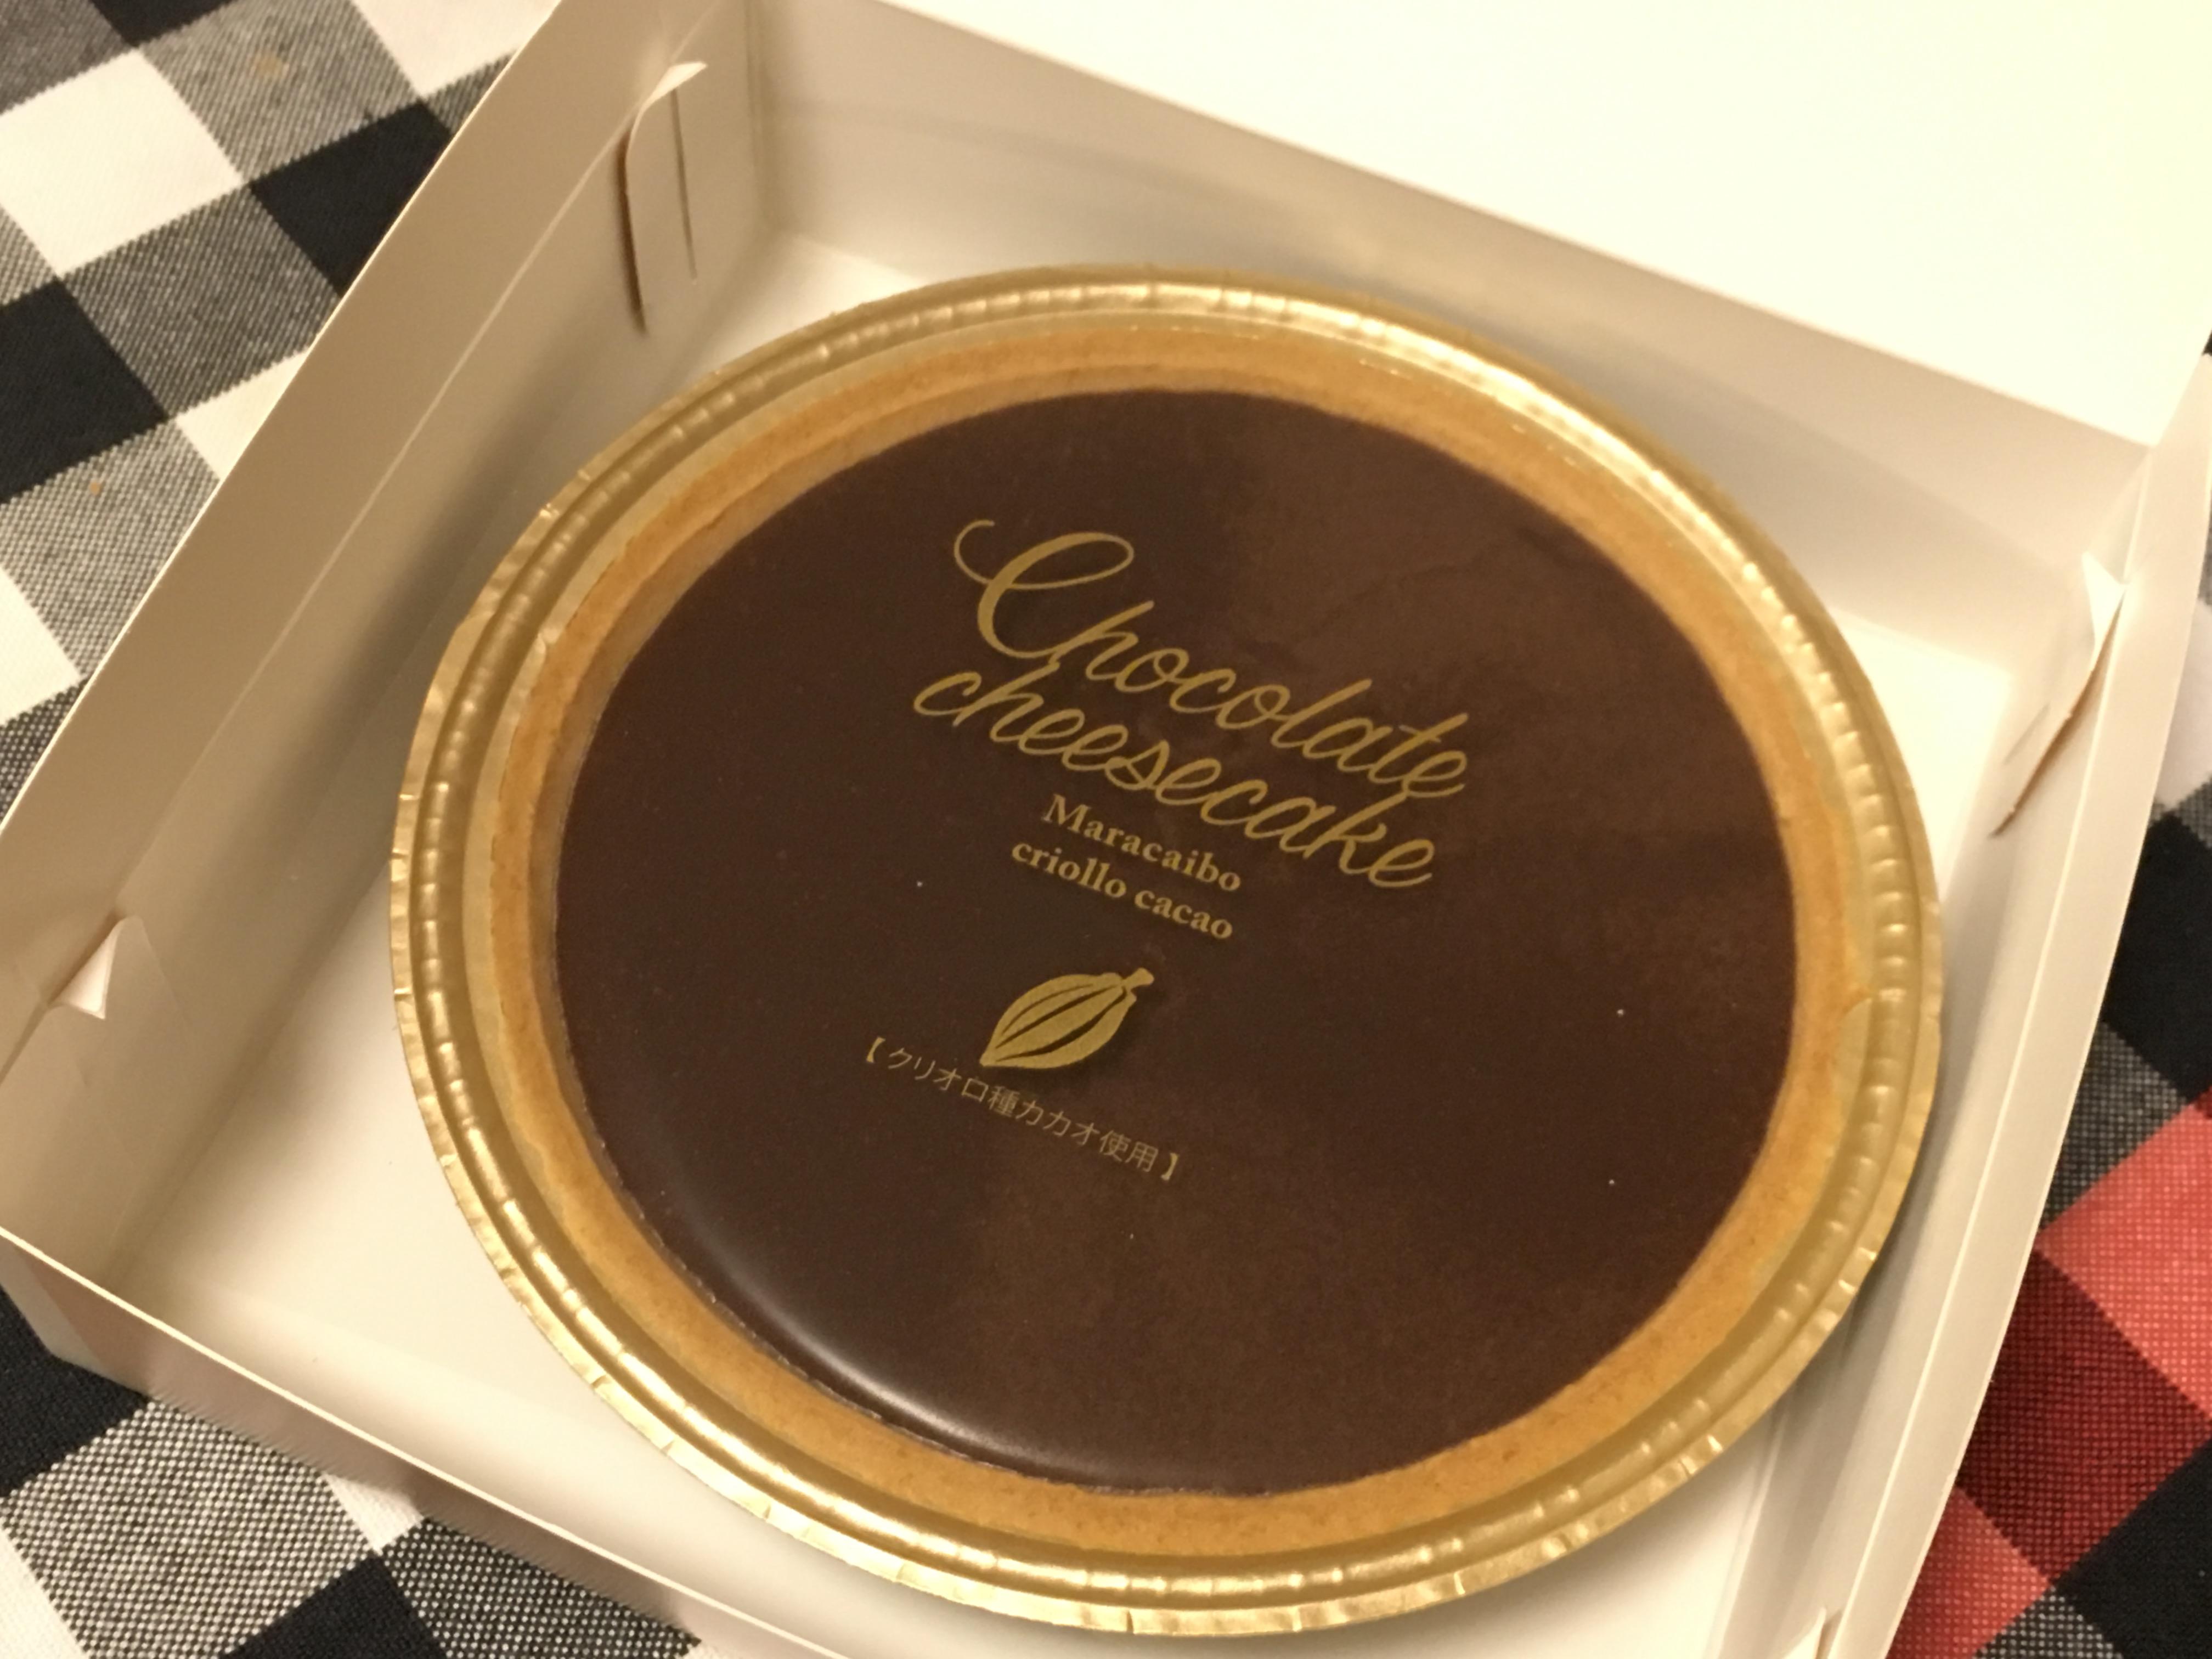 「世界一」のチョコレートを使用した贅沢なチョコレートチーズケーキ